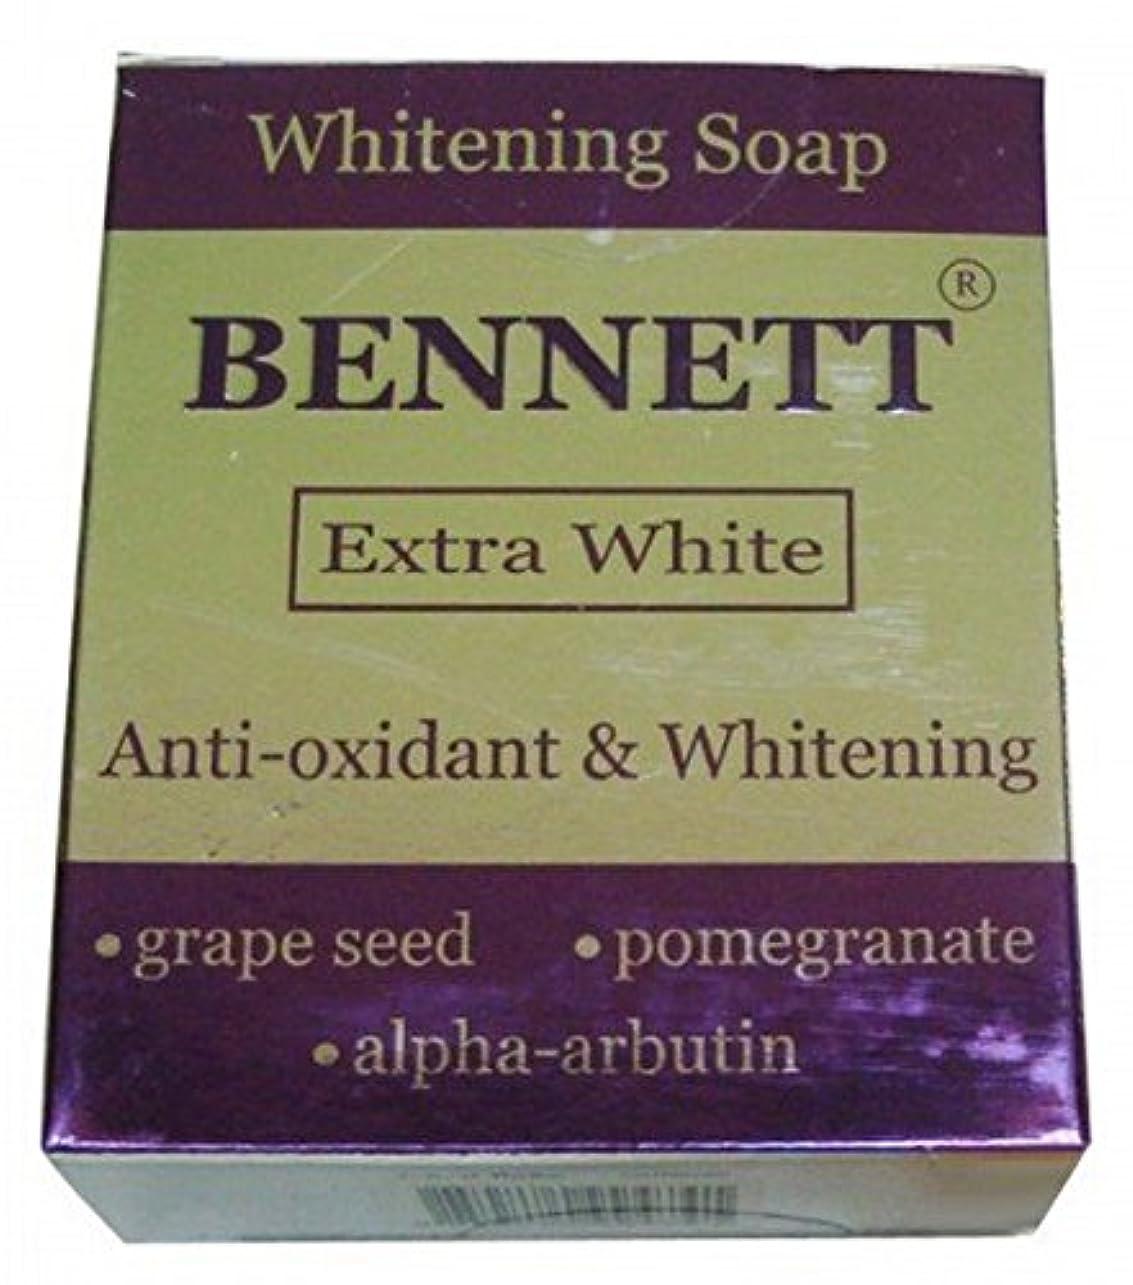 正確にきょうだい誘う新しいBennett Extraホワイトanti-oxidantアルファアルブチンExtreme Whitening Soap 130 g / 4.6oz